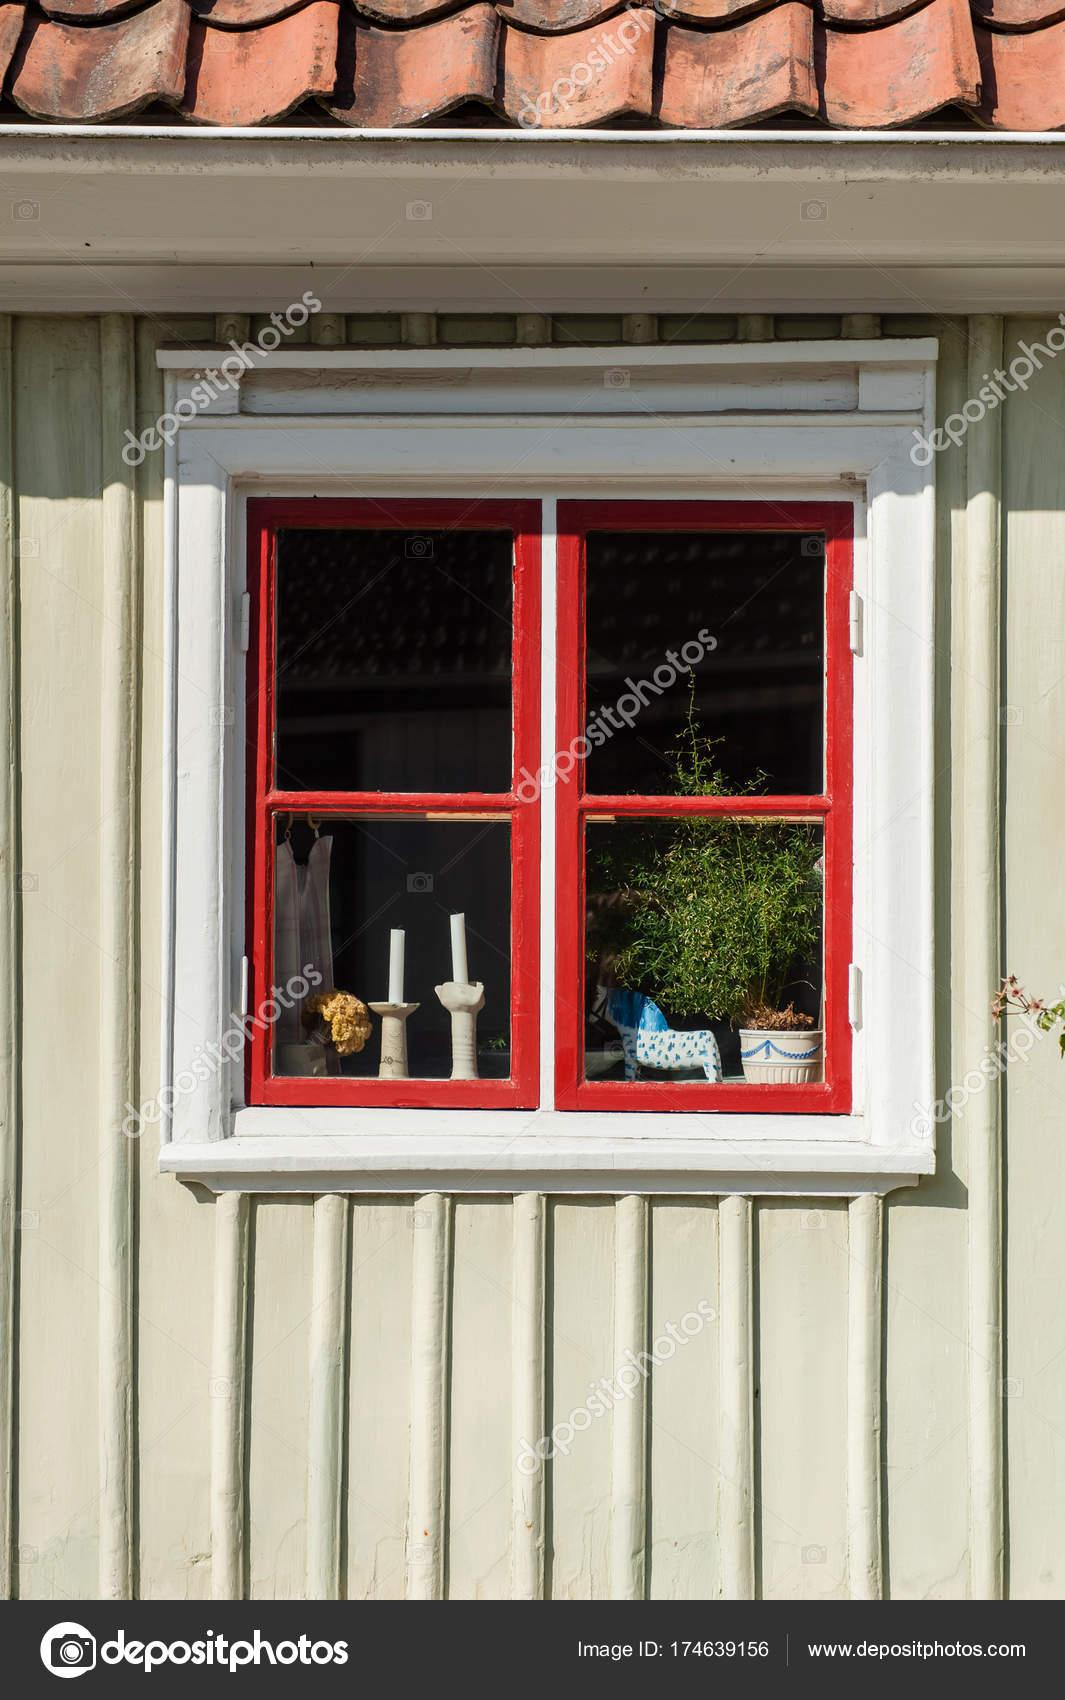 Maison Bois Avec Petite Fenêtre Rouge Avec Des Rideaux Des